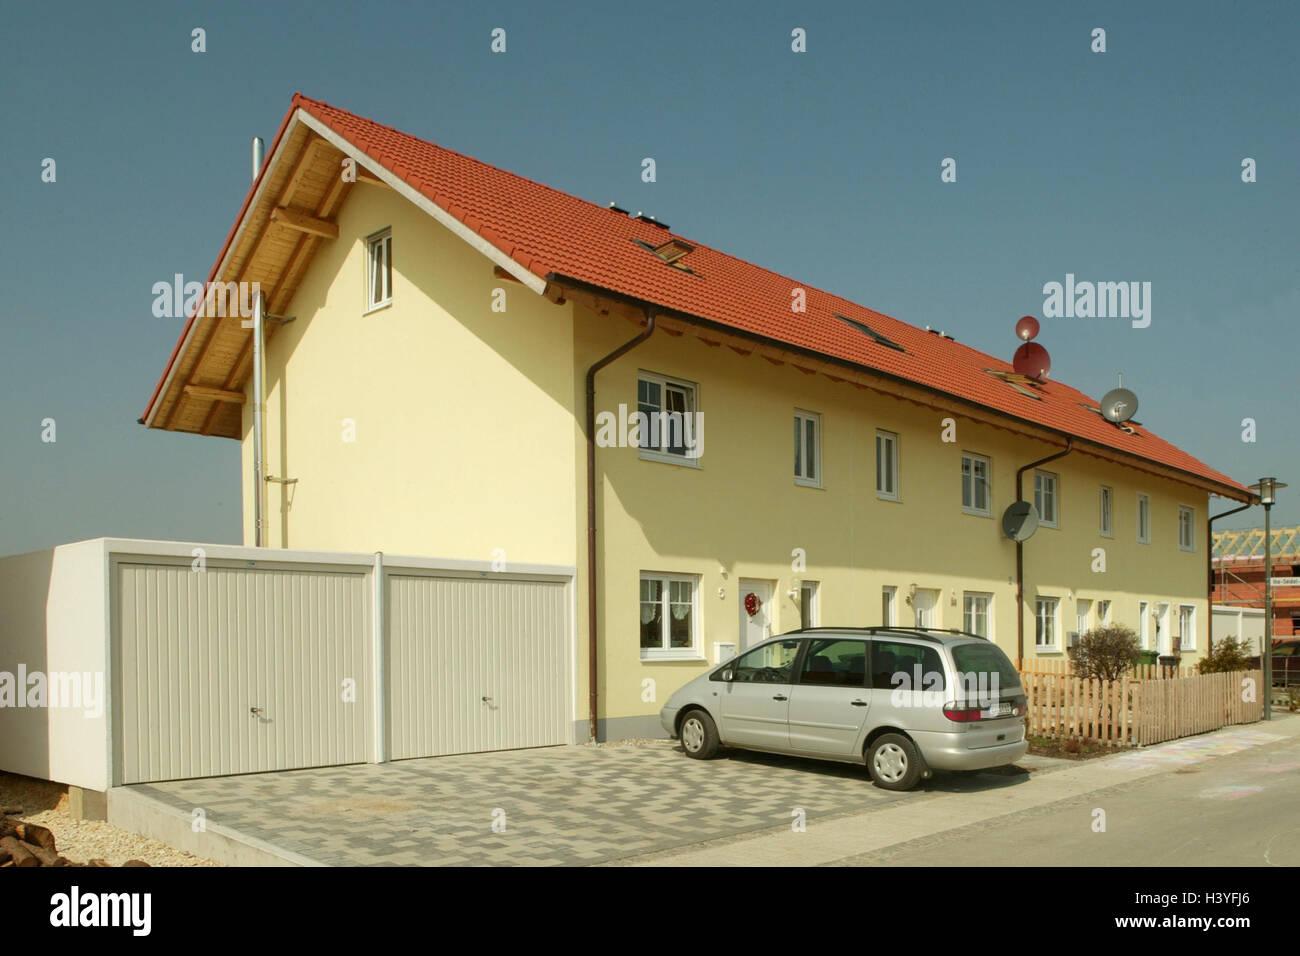 Wunderbar Garage Am Haus Beste Wahl , Garage, Parkplatz, Pkw Auto Wohngebiet, ,